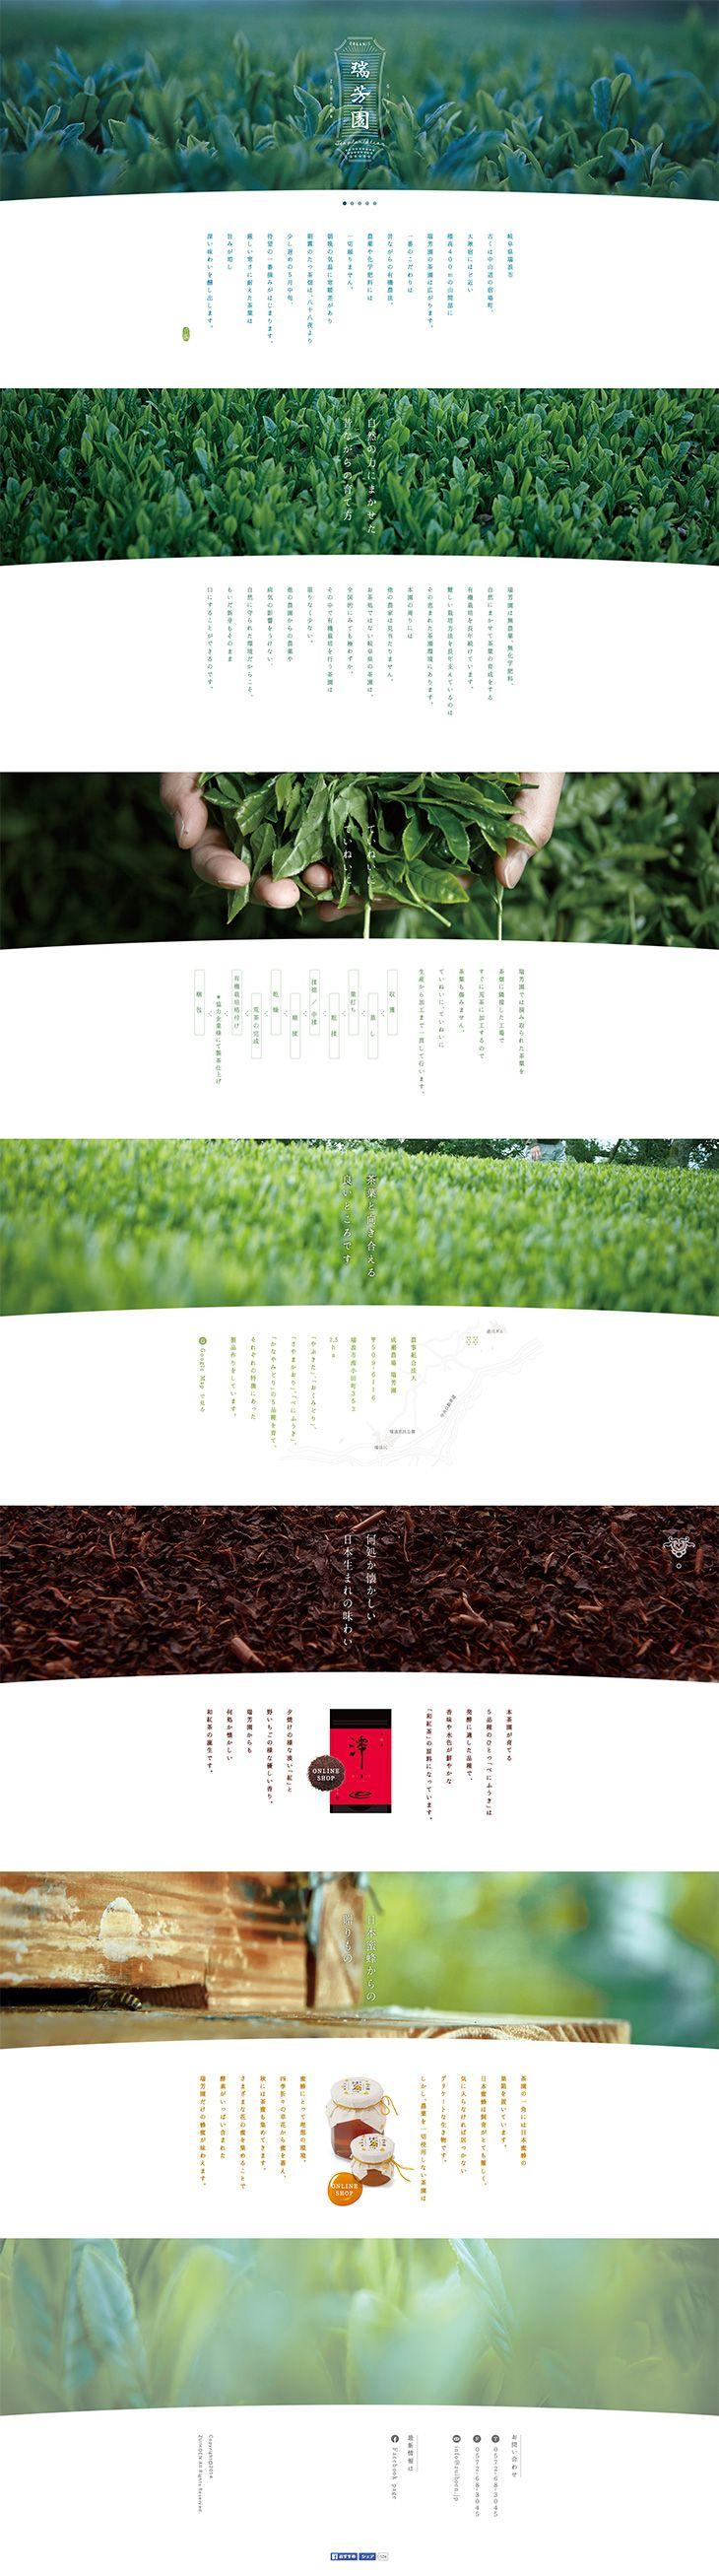 瑞芳園 - 昔ながらの有機農法で作る旨いお茶【食品関連】のLPデザイン。WEBデザイナーさん必見!ランディングページのデザイン参考に(シンプル系)